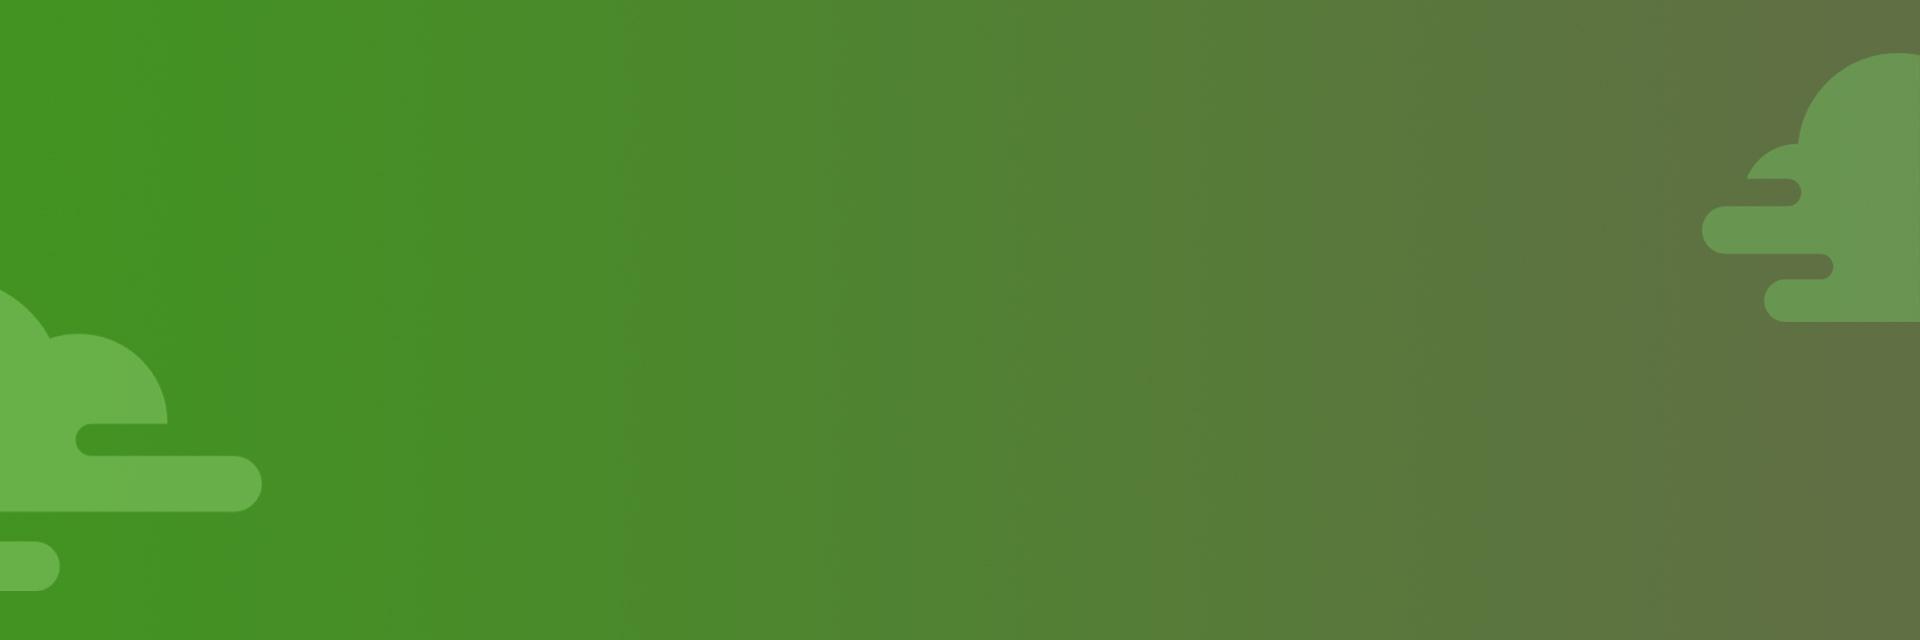 Web of trust оценка репутации сайтов и отзывы обзор сервиса wot